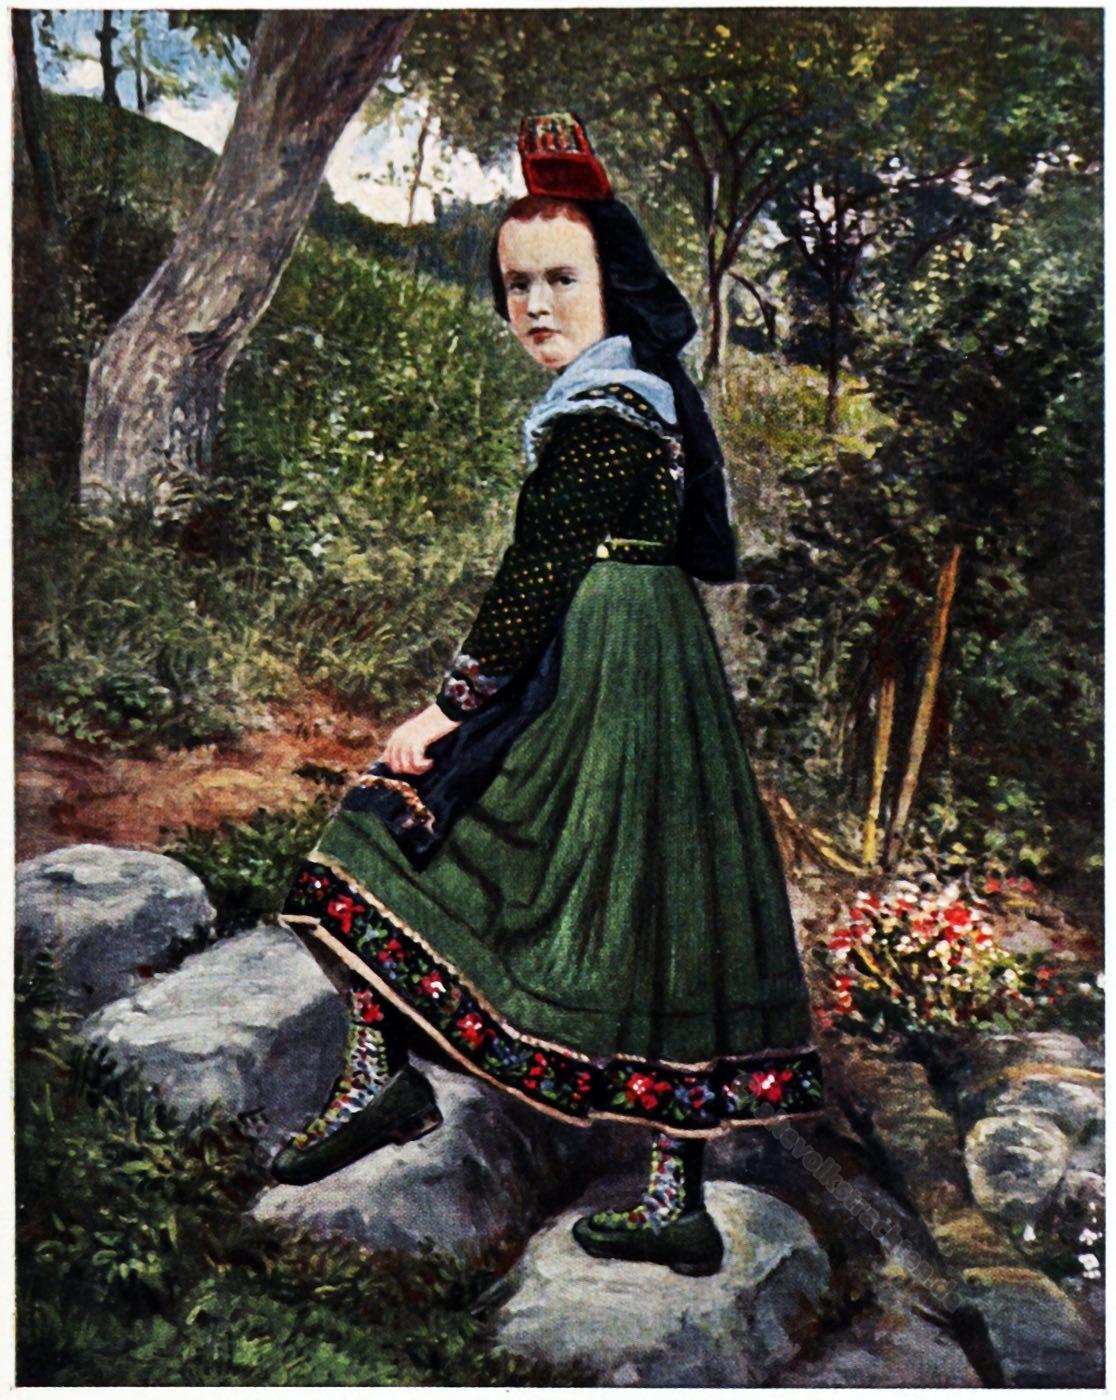 Trachten, Hessen, Marburg, Rose Julien, Kostümkunde, Modegeschichte